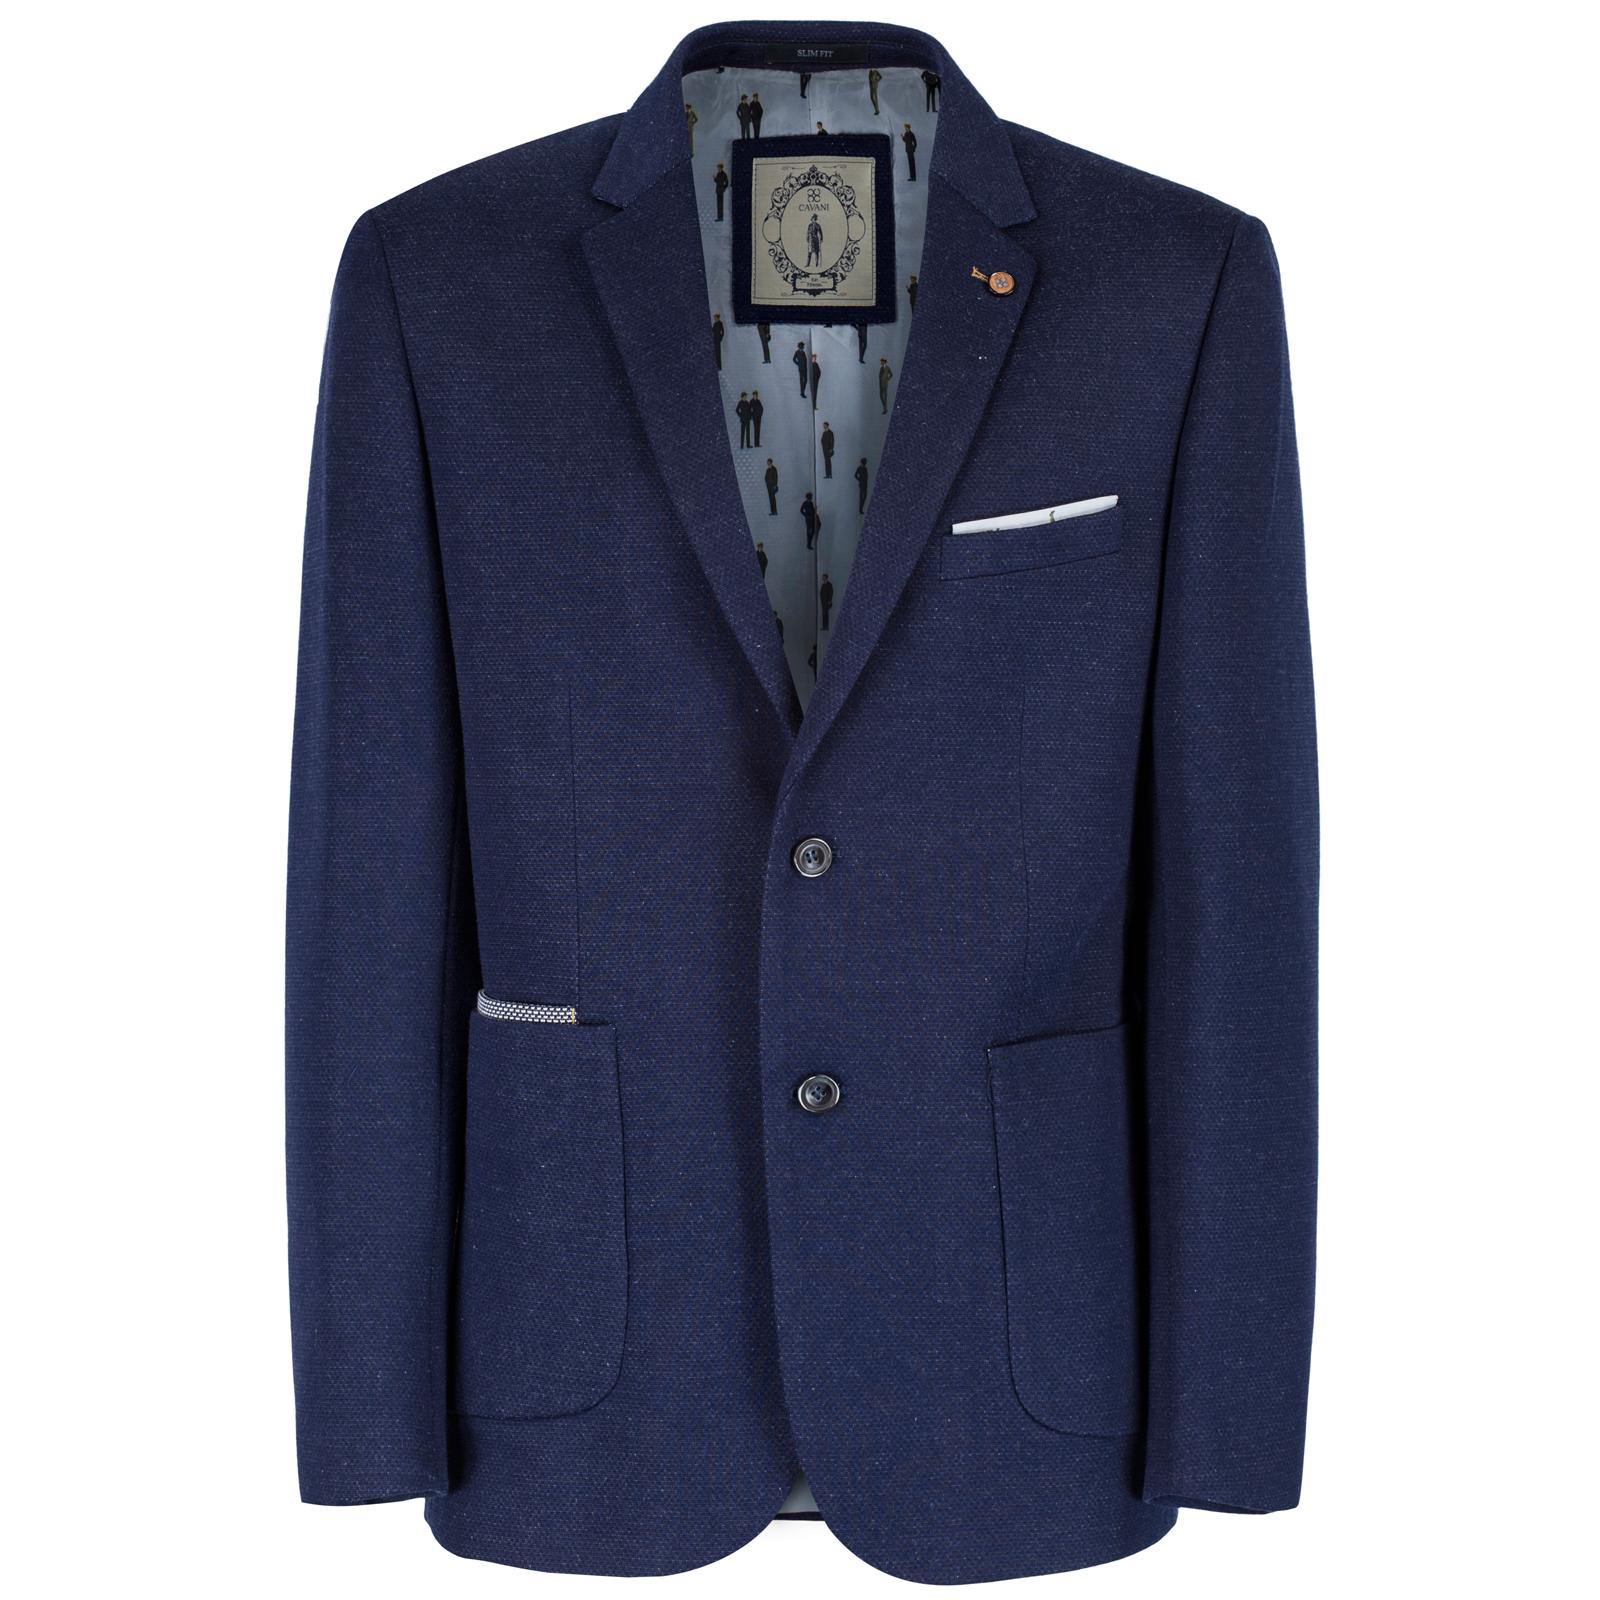 comprare bene moda di lusso famoso marchio di stilisti blazer con toppe sui gomiti orologi da uomo » neychautresfi.ml